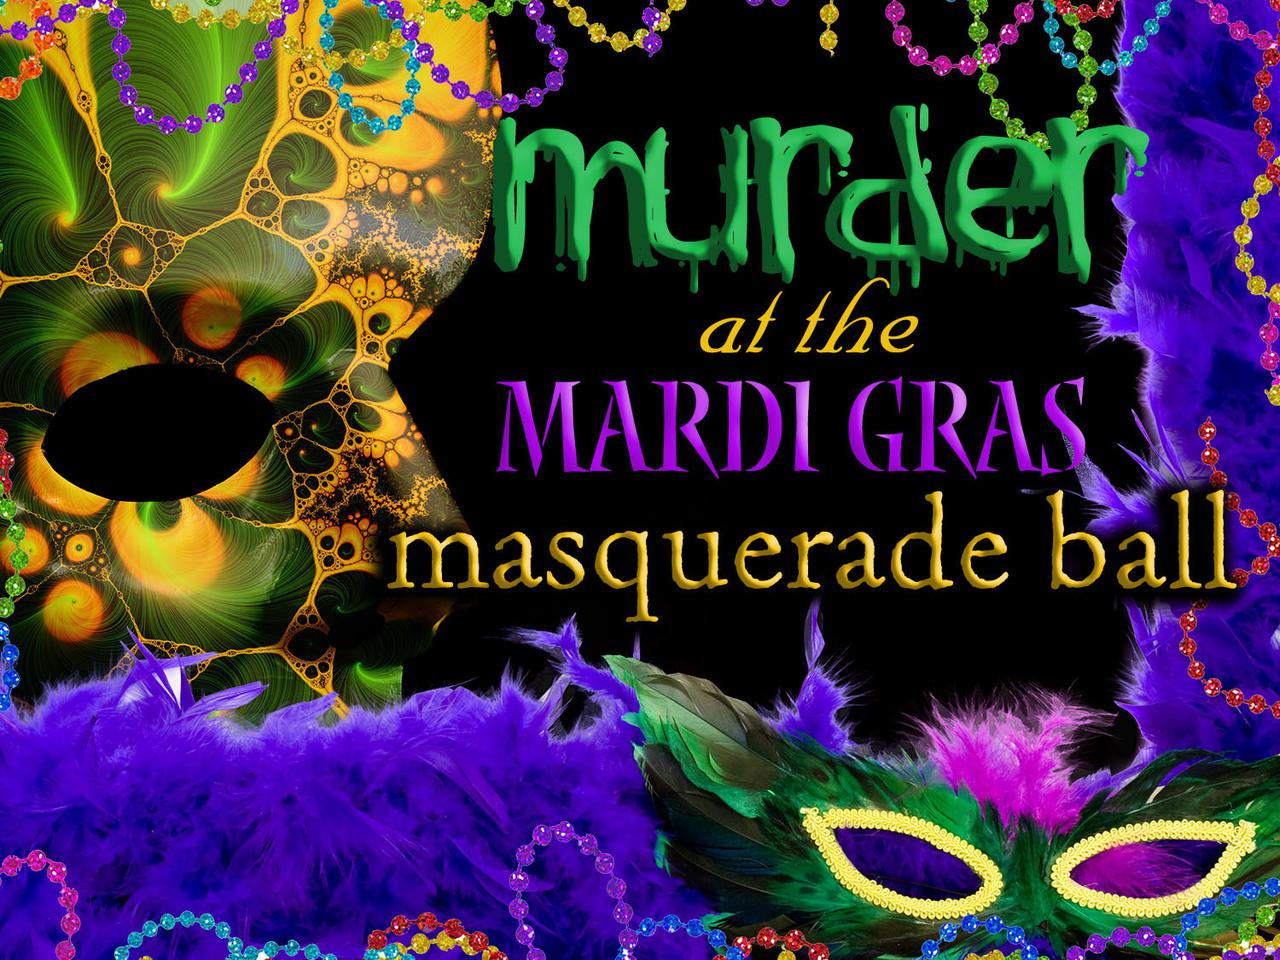 Mardi gras masquerade ball mystery party